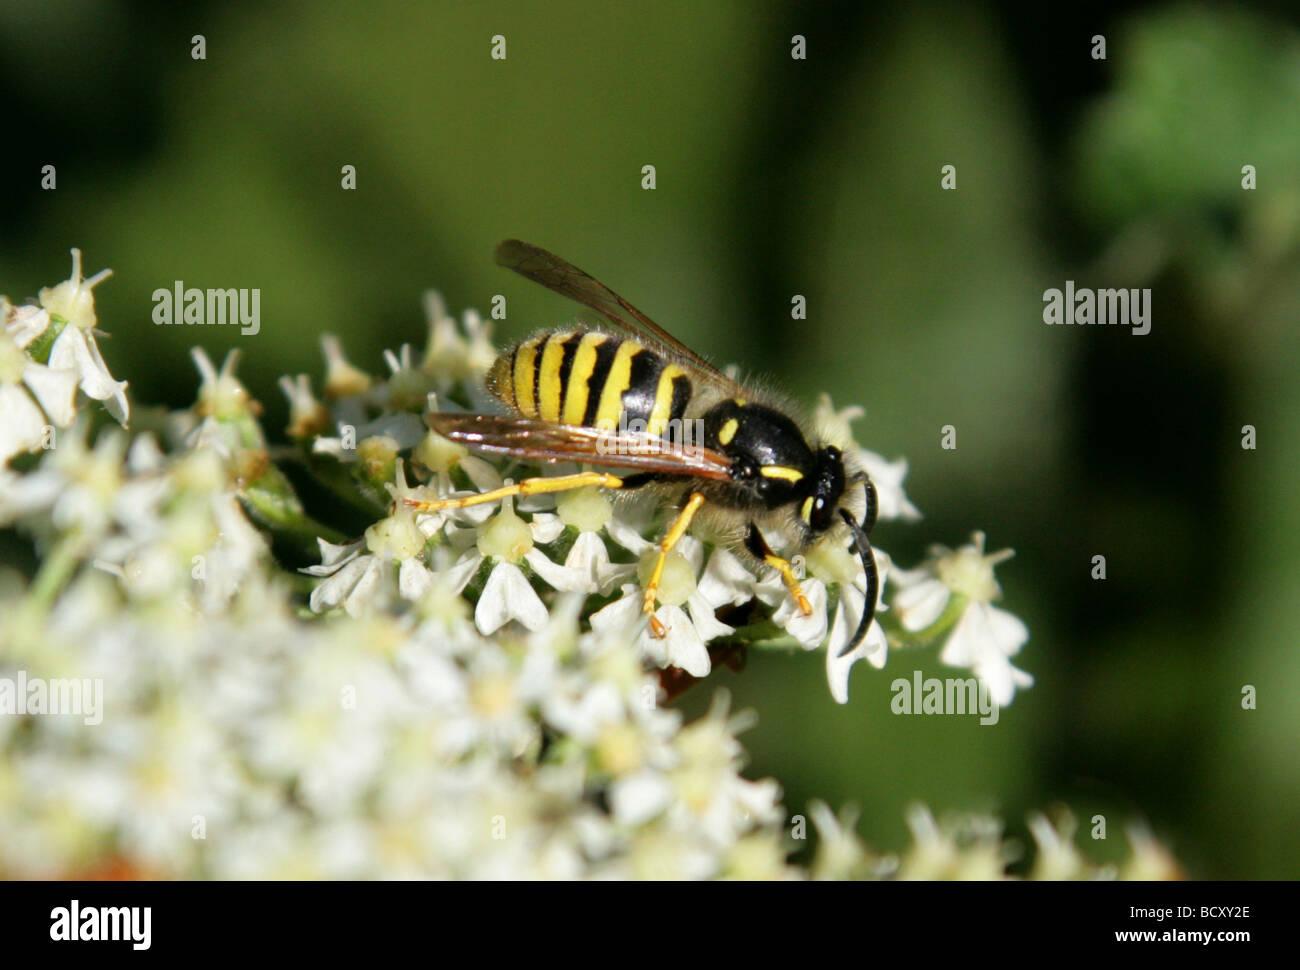 Common Wasp, Vespula vulgaris, Vespidae, Vespoidea, Hymenoptera - Stock Image